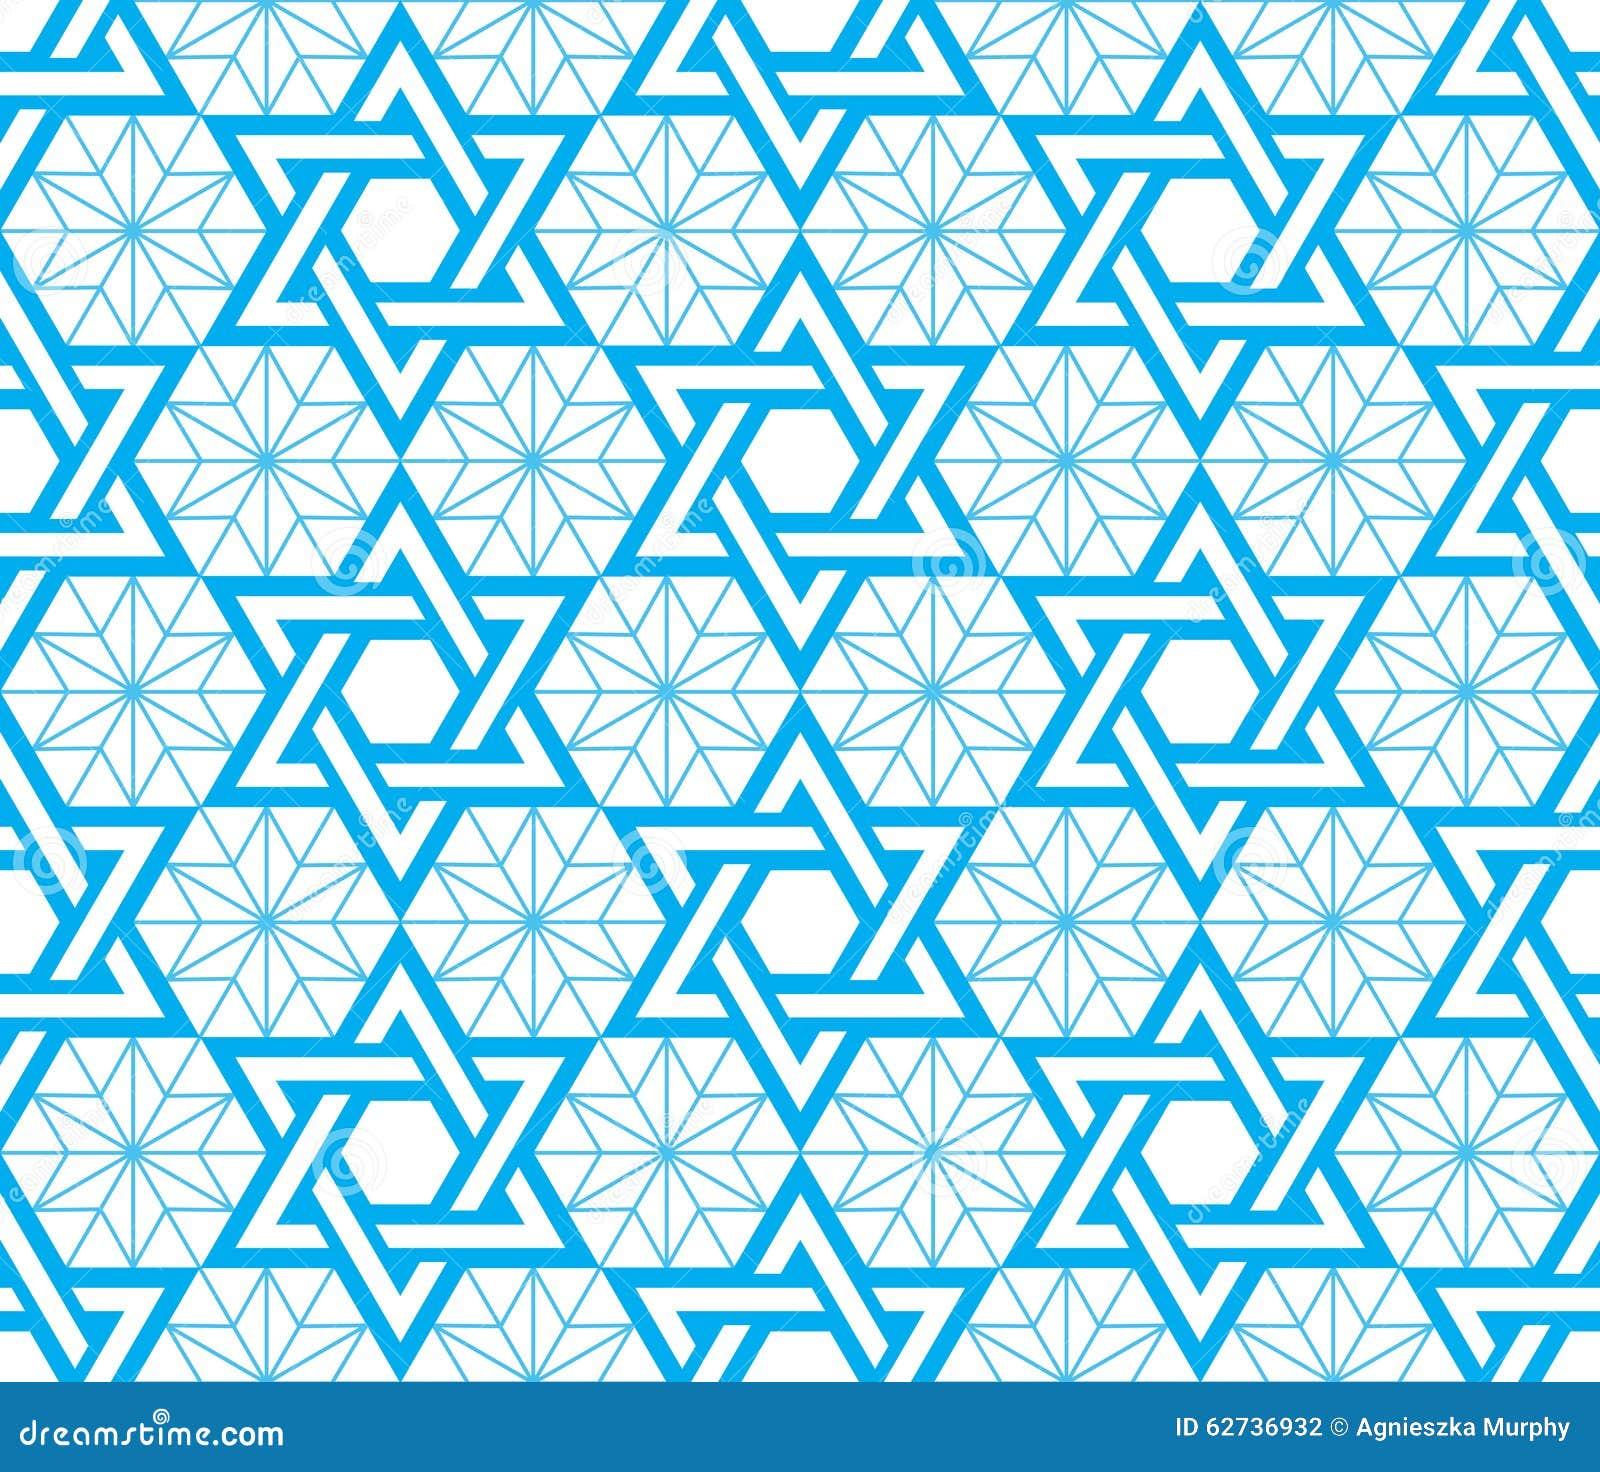 Joods, Jodenster blauw naadloos patroon